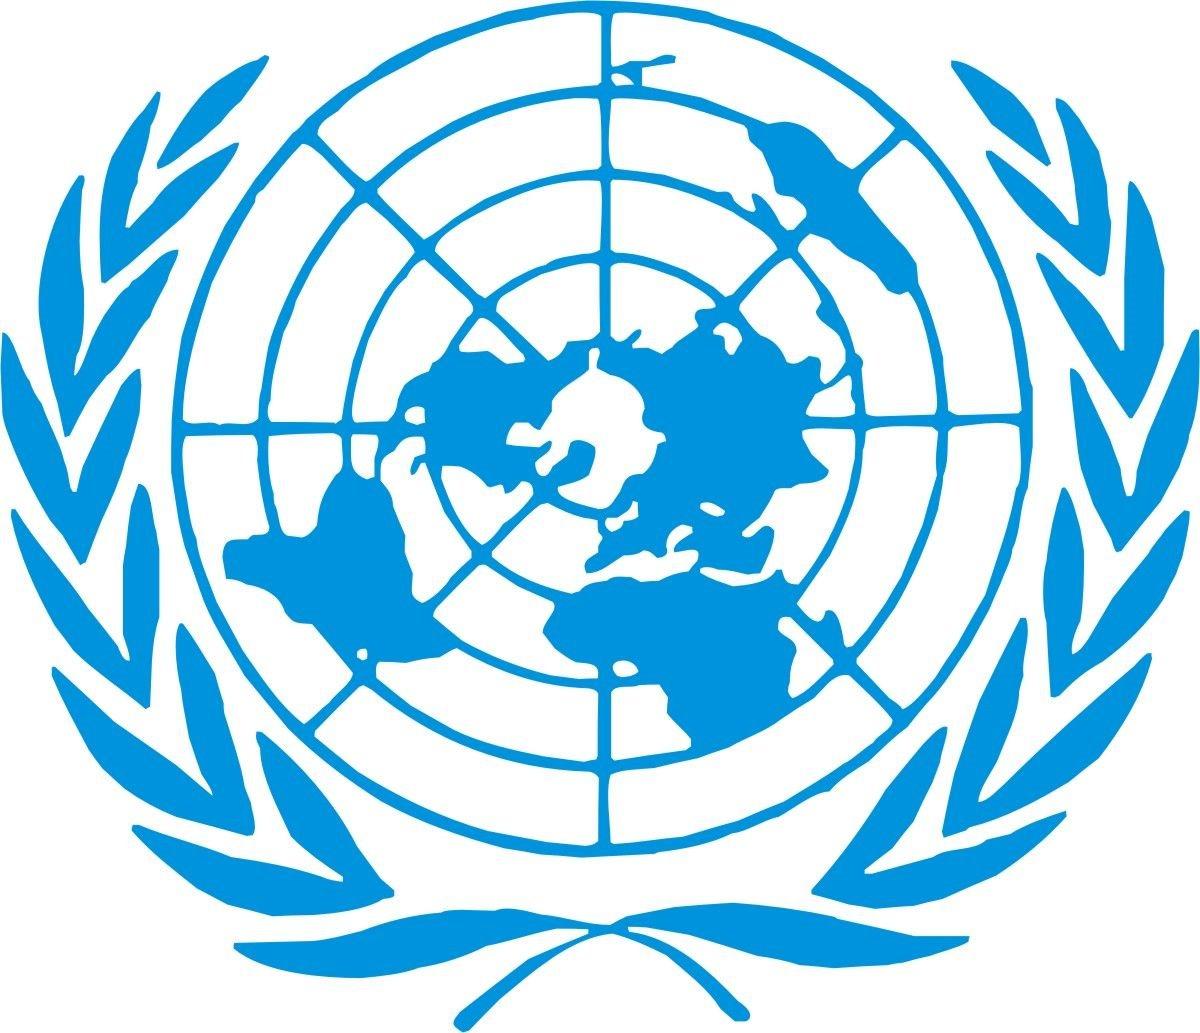 Концепция за изграждане на мир и еволюция в практиката на ООН като основен глобален регулатор